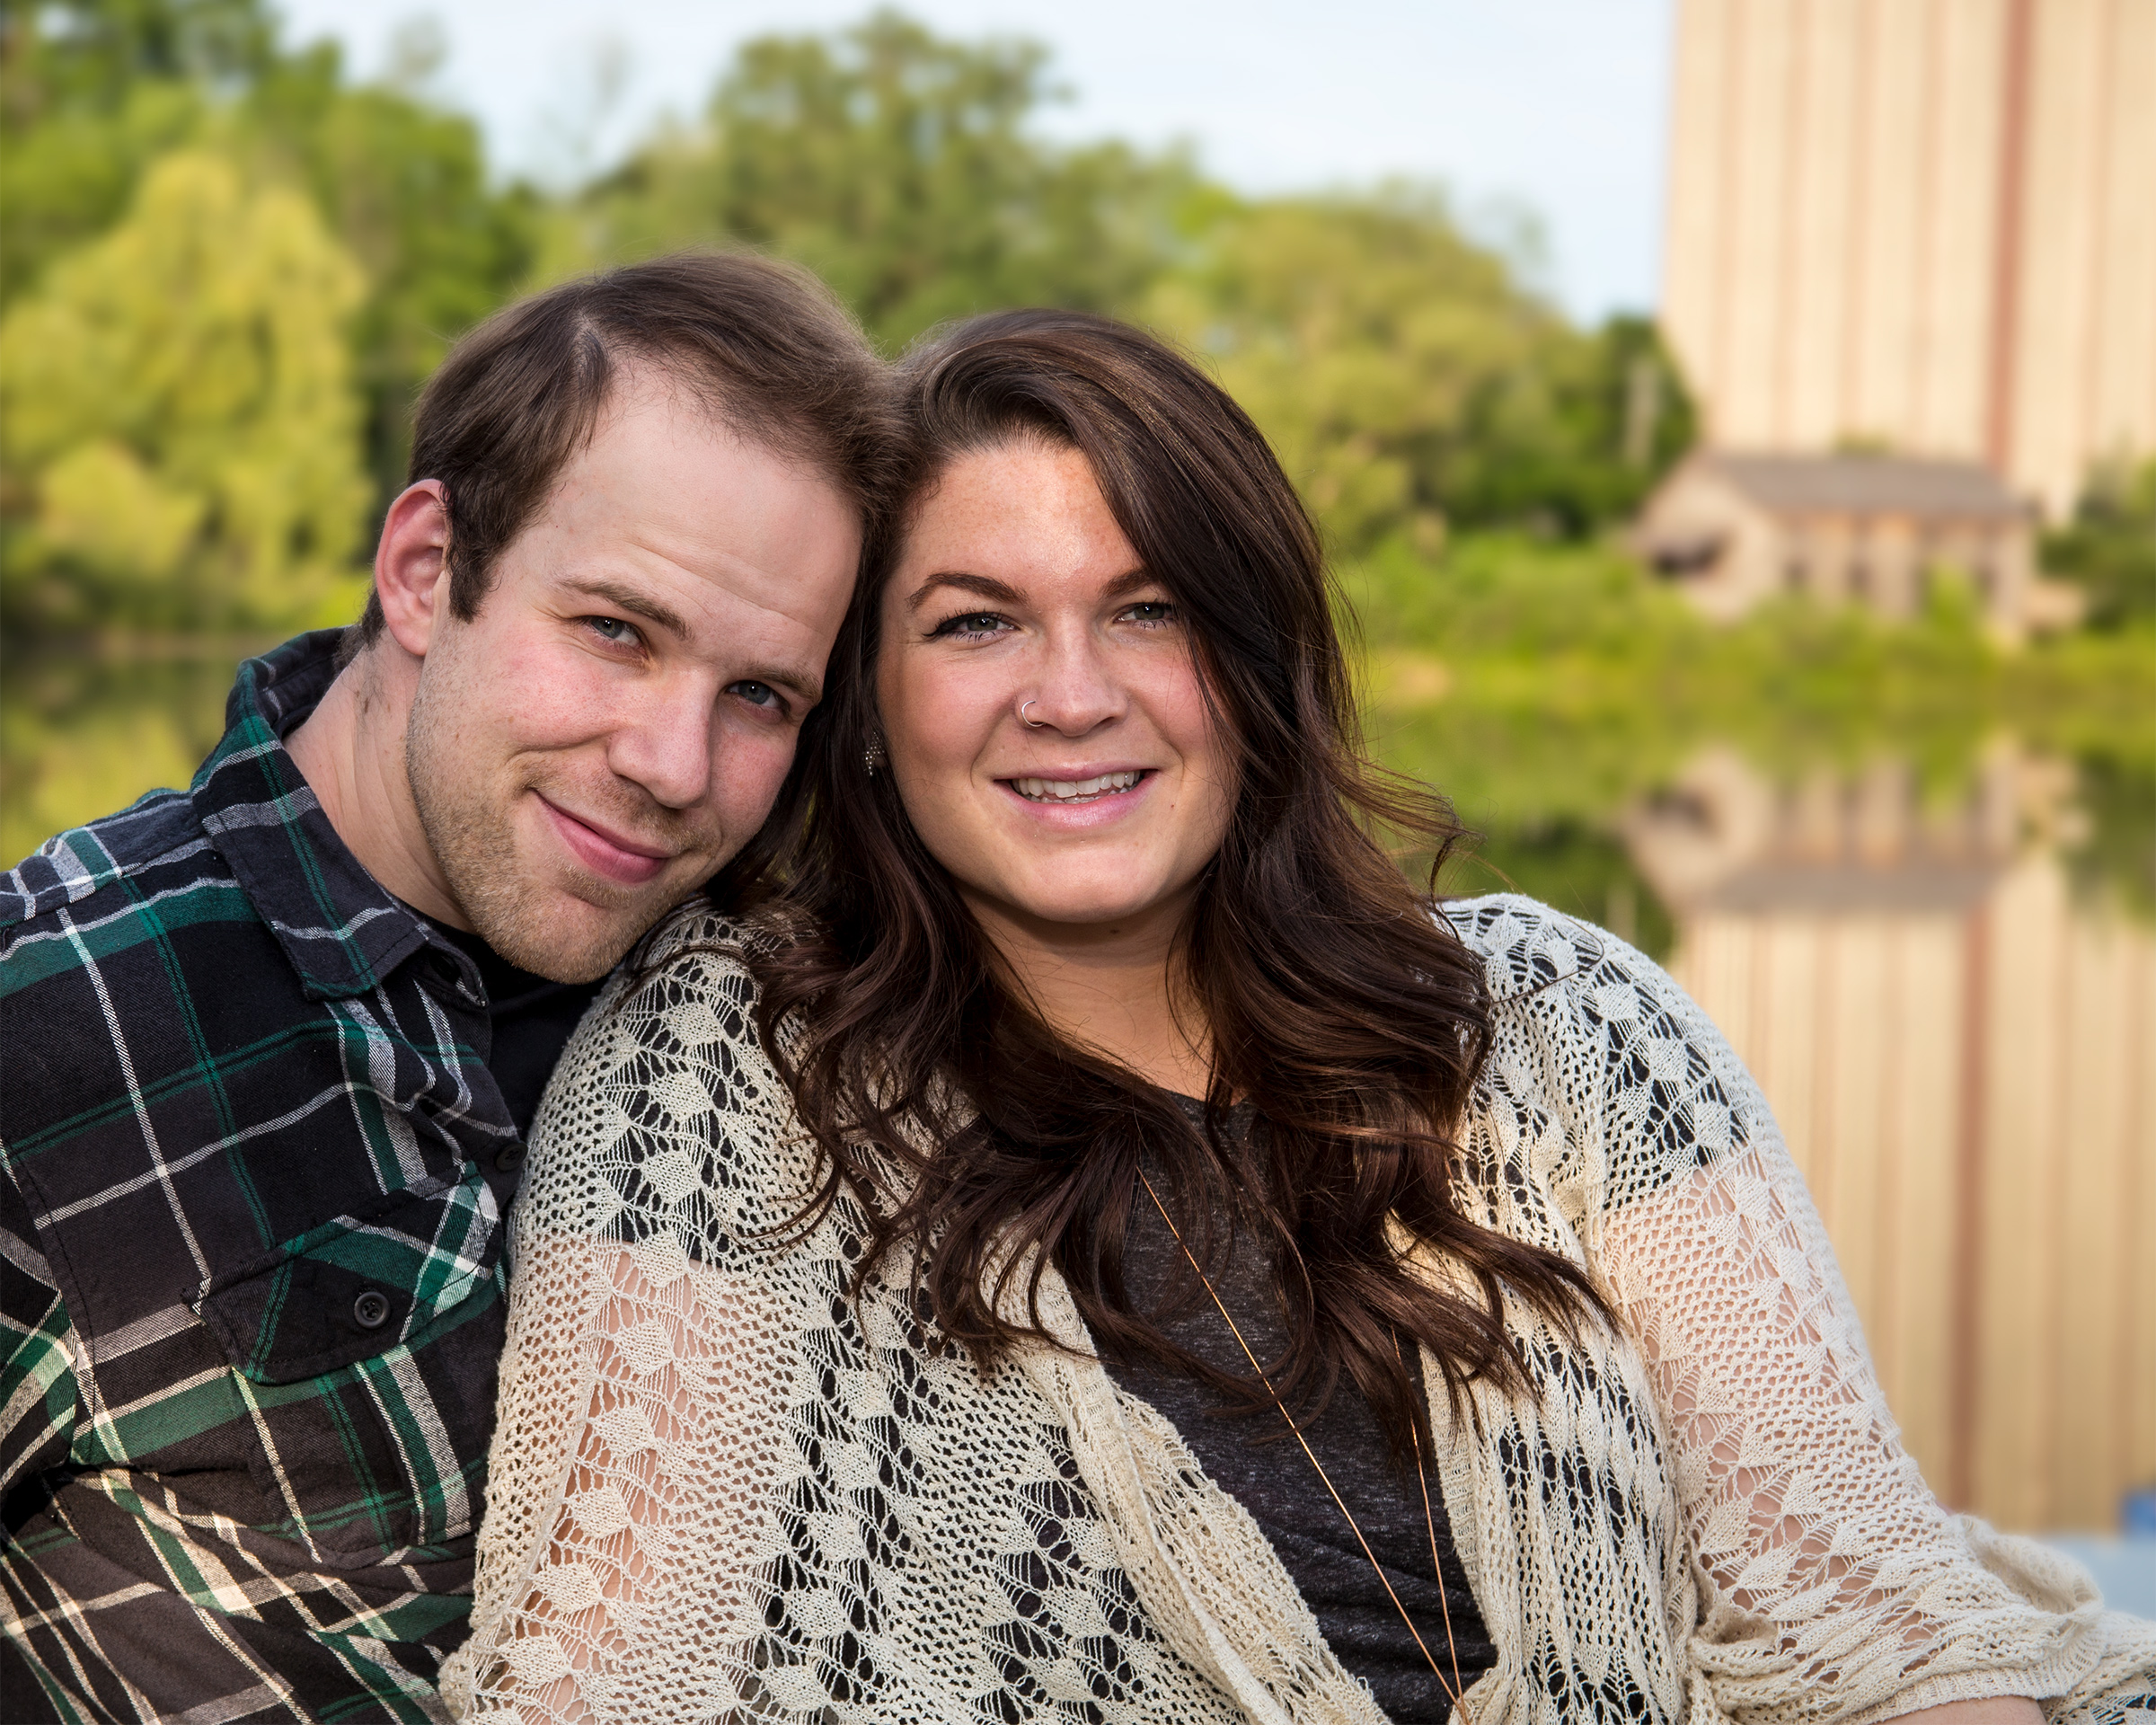 Sarah & Justin